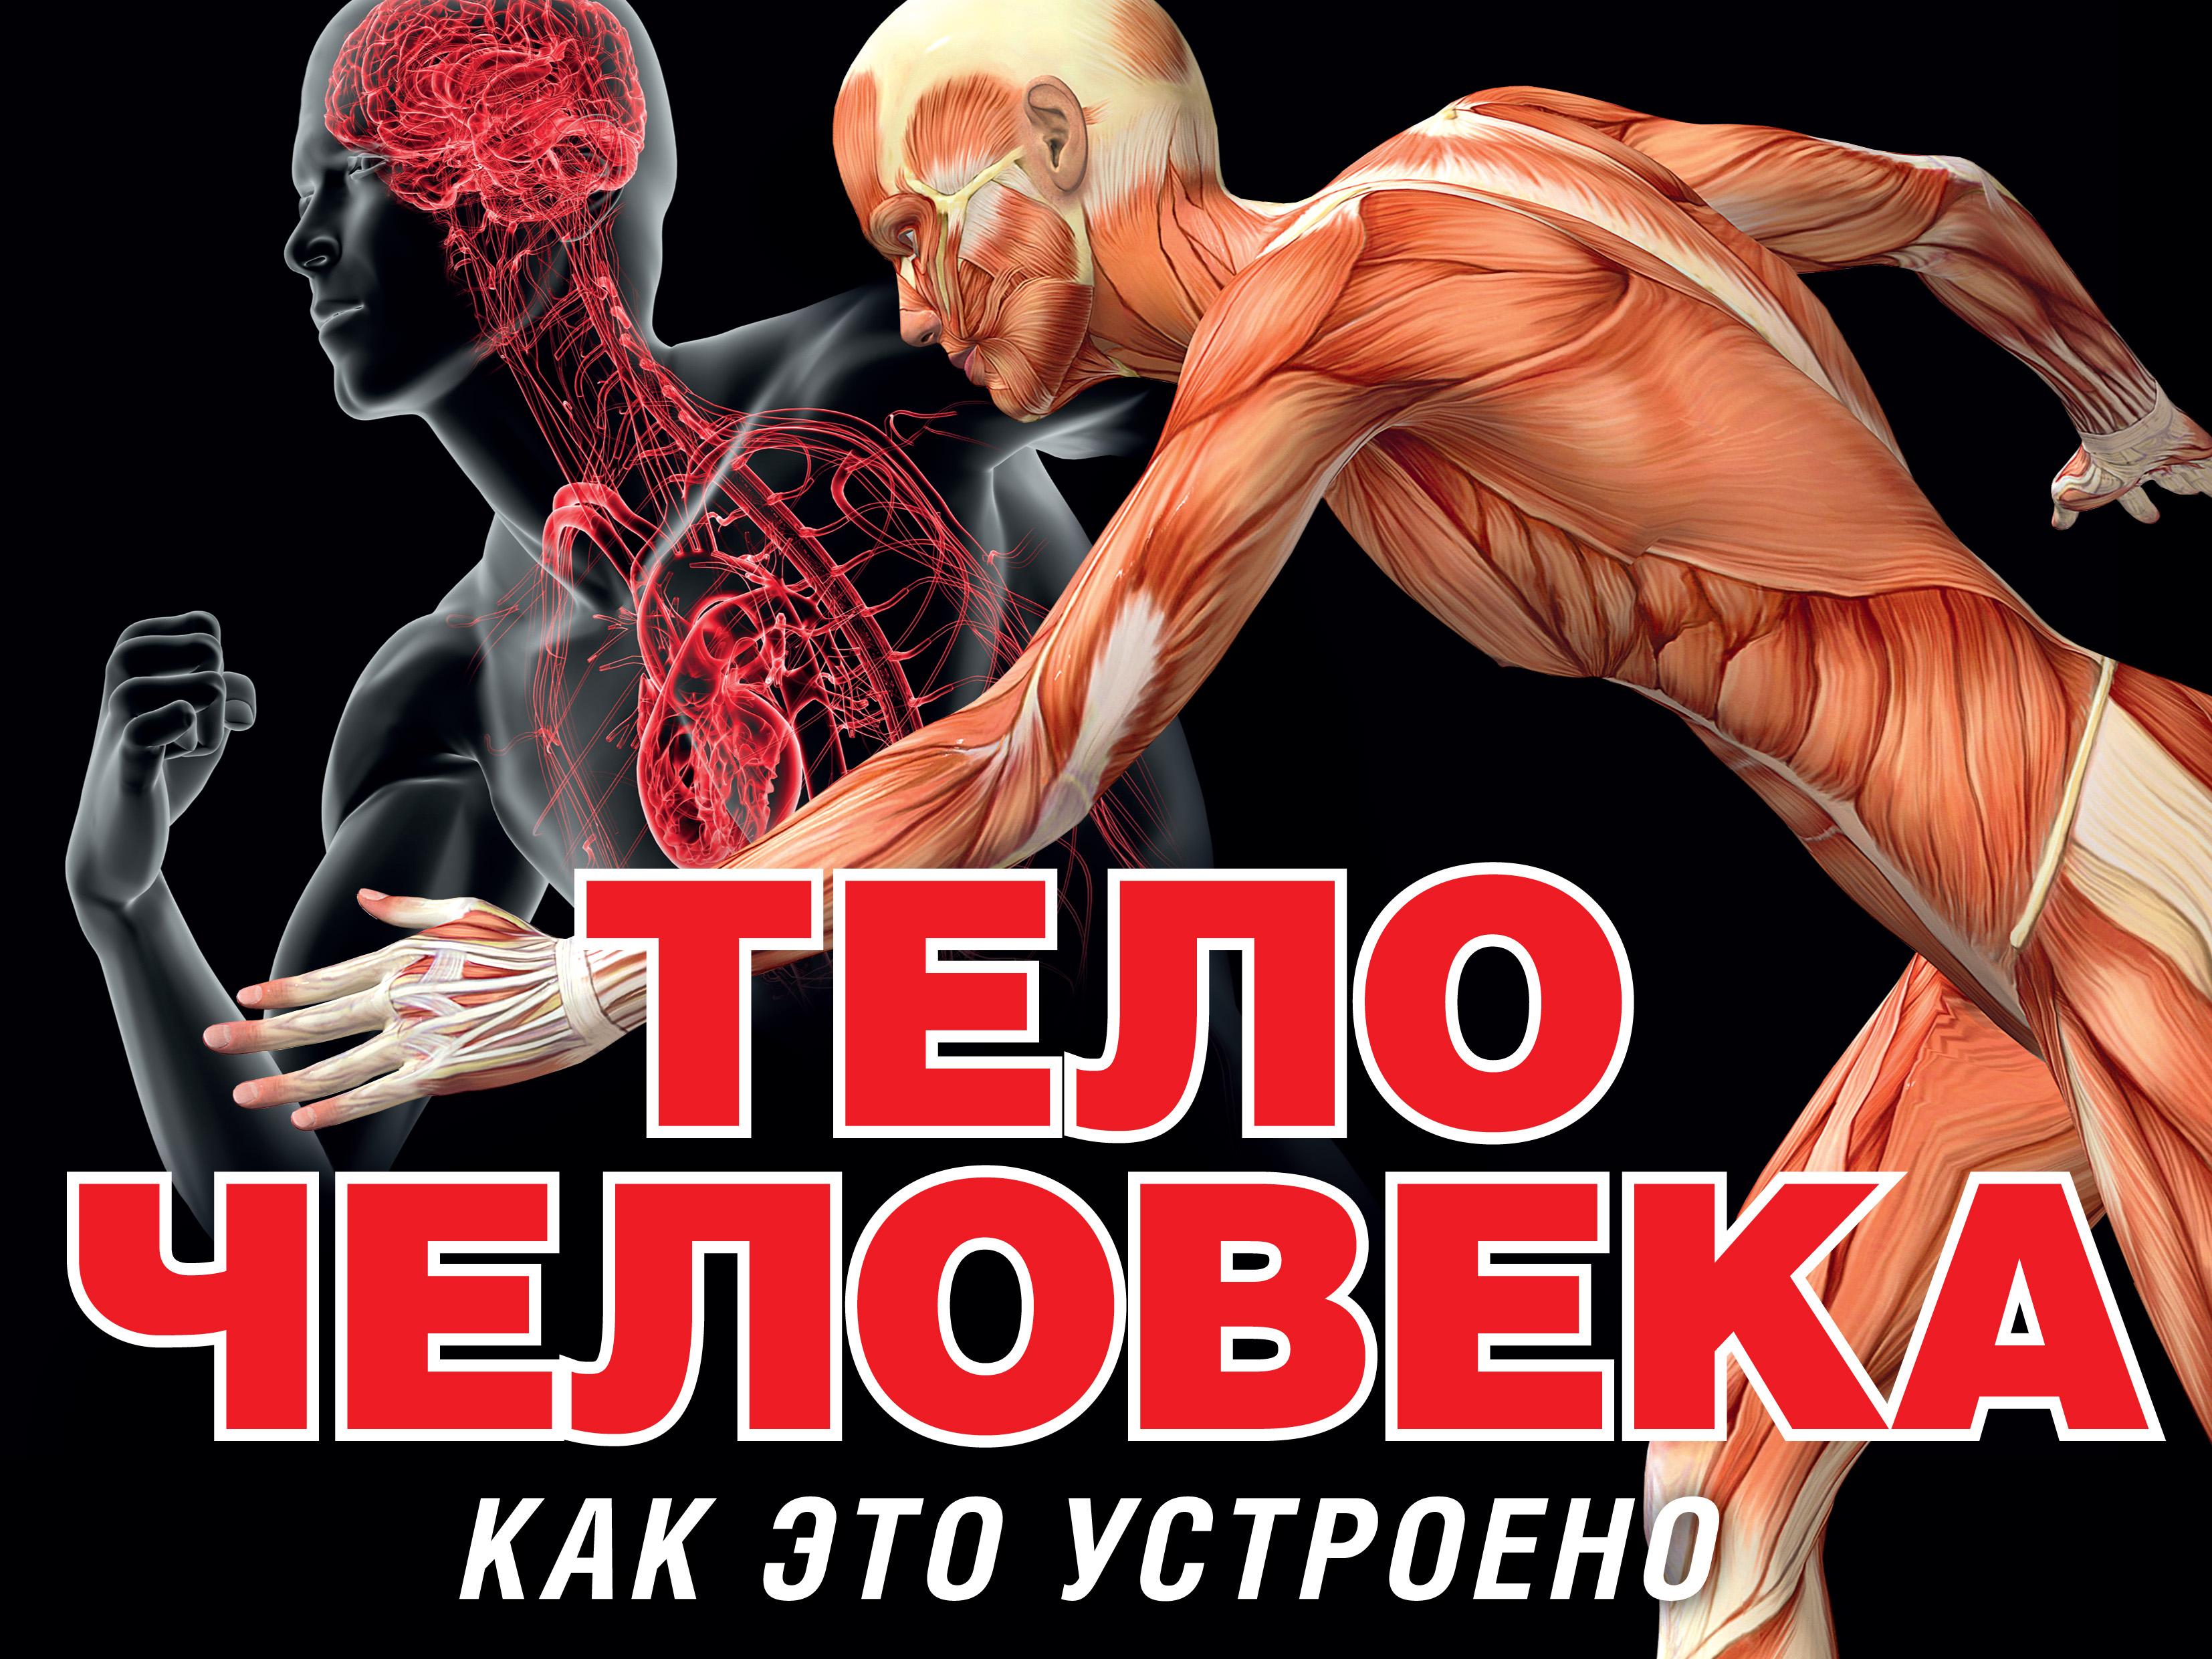 Питер Маврикис Тело человека томас канаван тело человека энциклопедия для маленьких почемучек